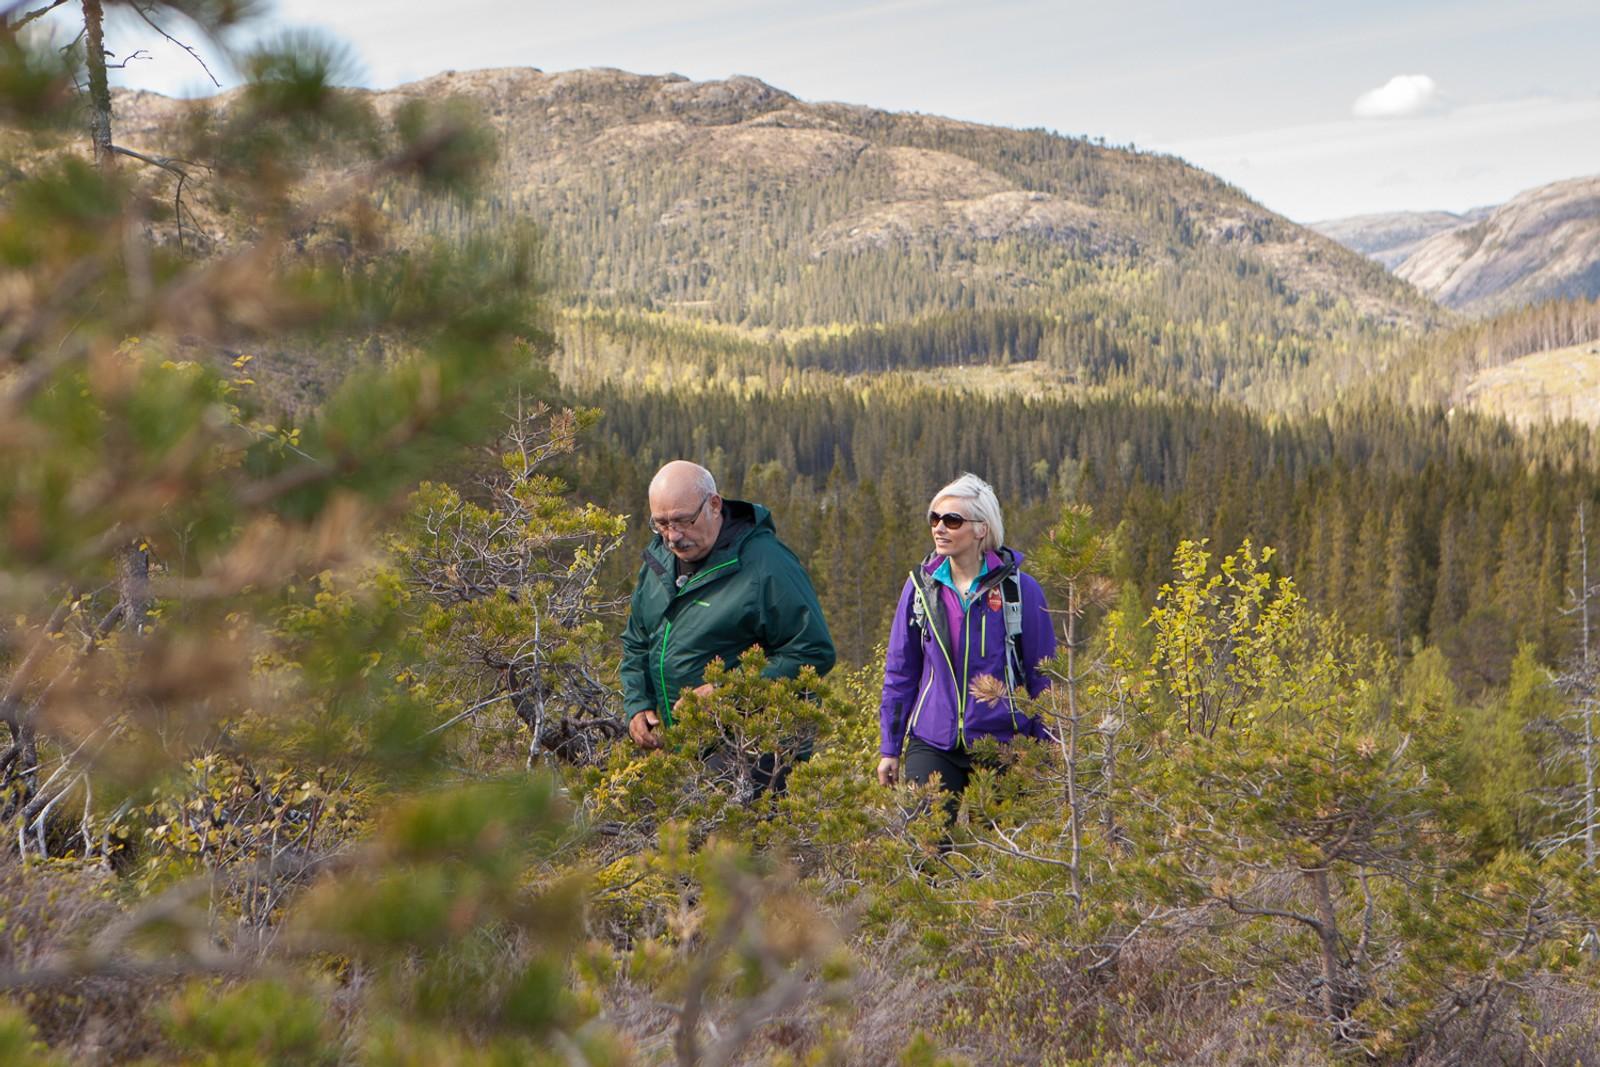 Åge Fosseng er lokal kjentmann i Namdalen, og viser programleder Anne Rimmen området.